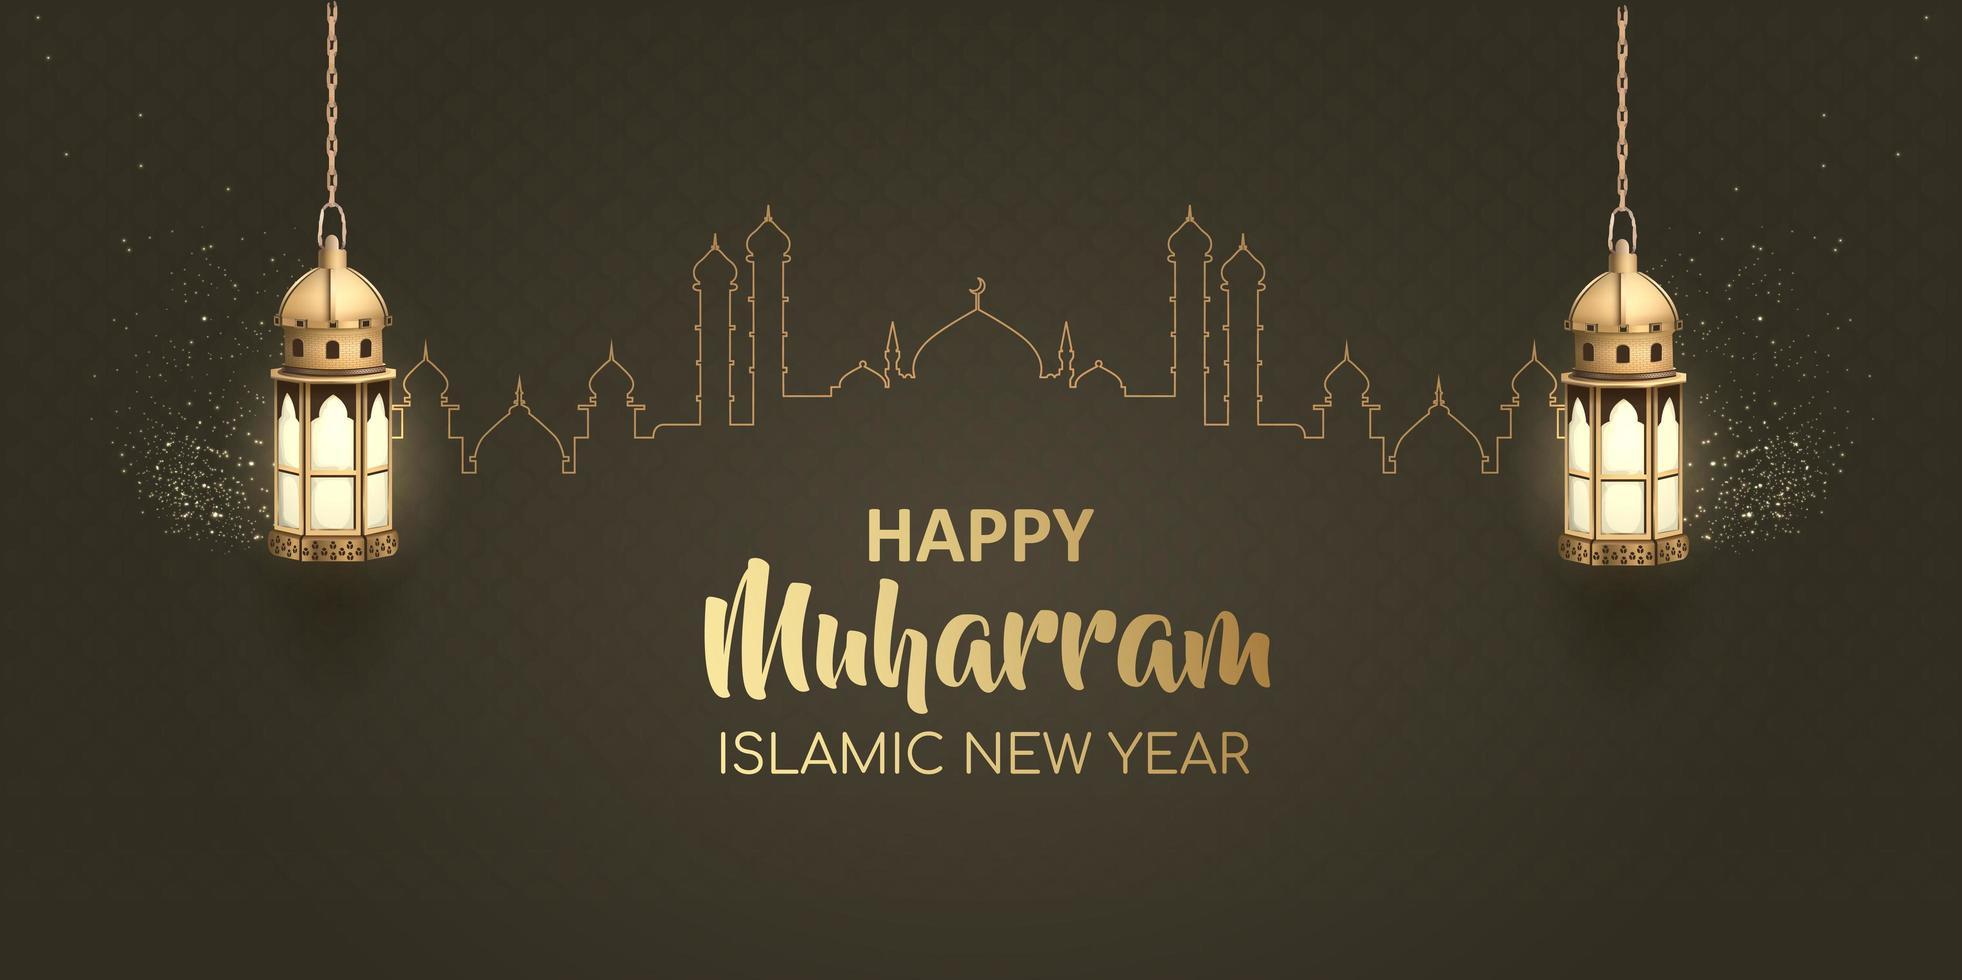 gelukkig muharram islamitisch nieuwjaarsontwerp vector